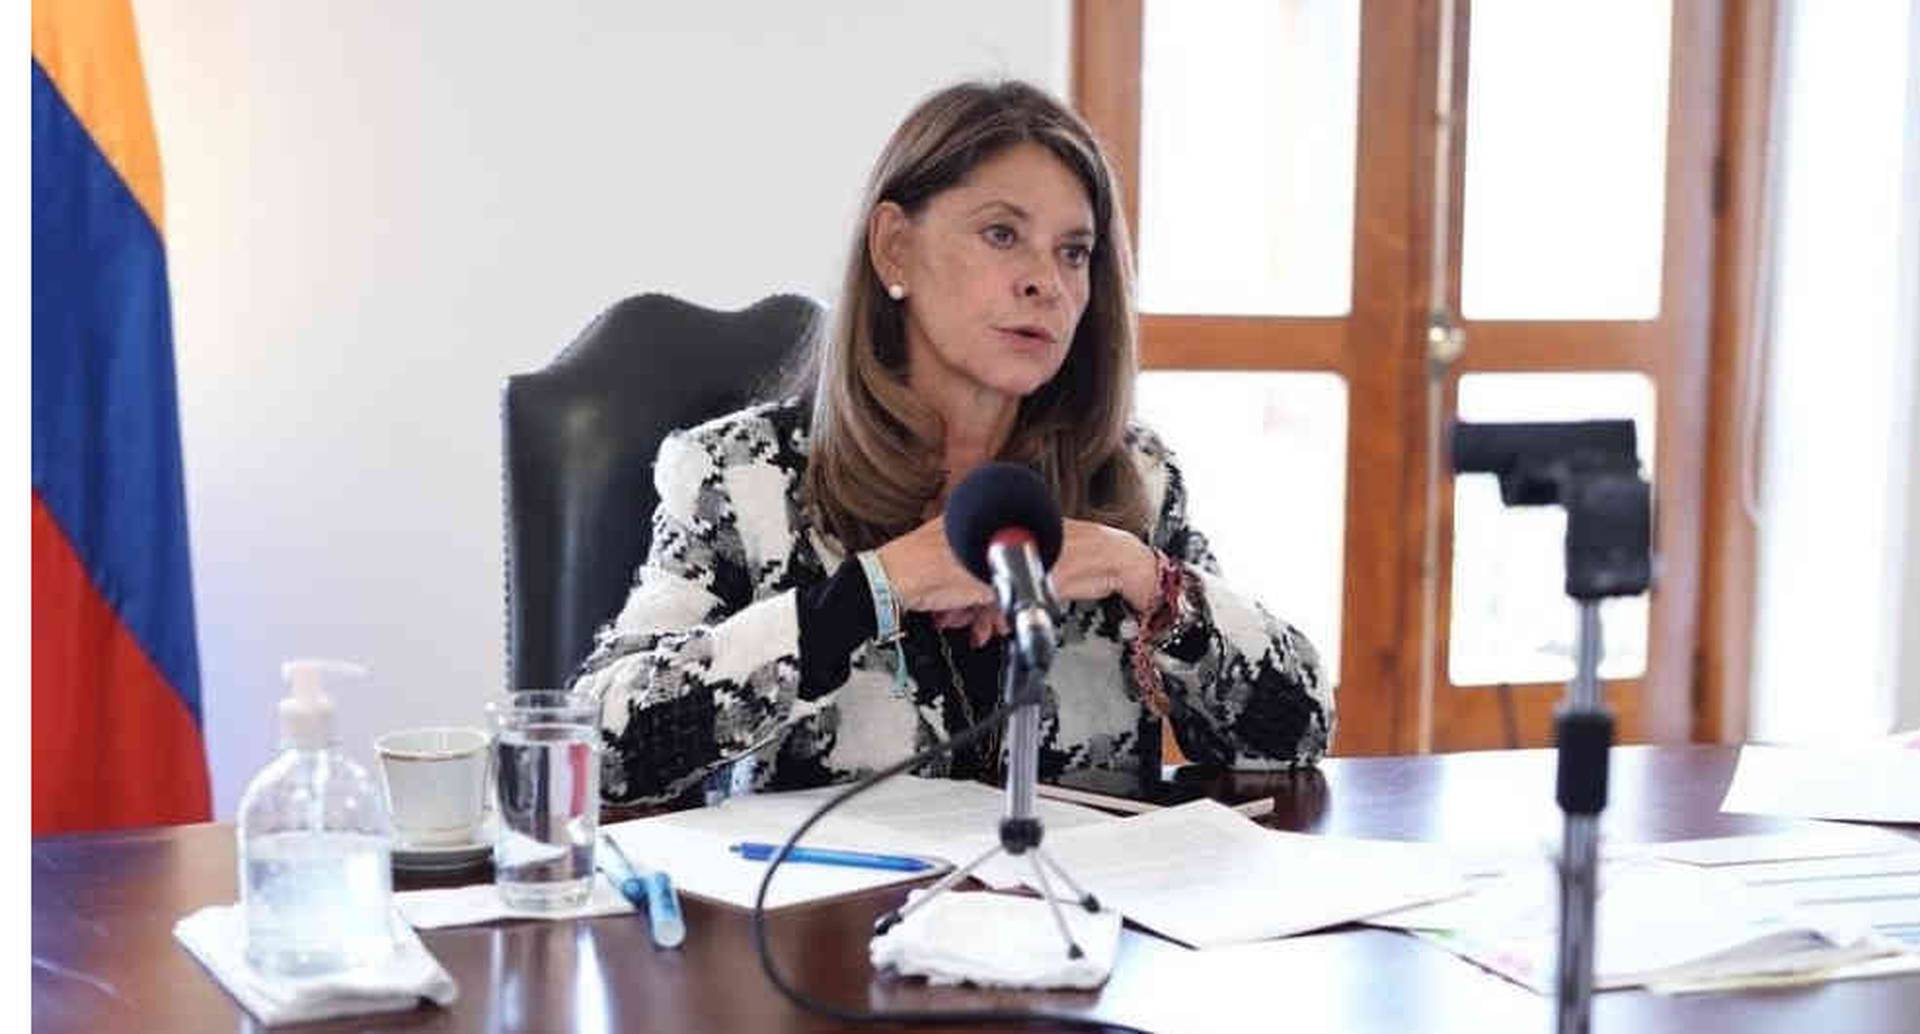 Polémica por propuesta sobre servicio militar obligatorio para mujeres